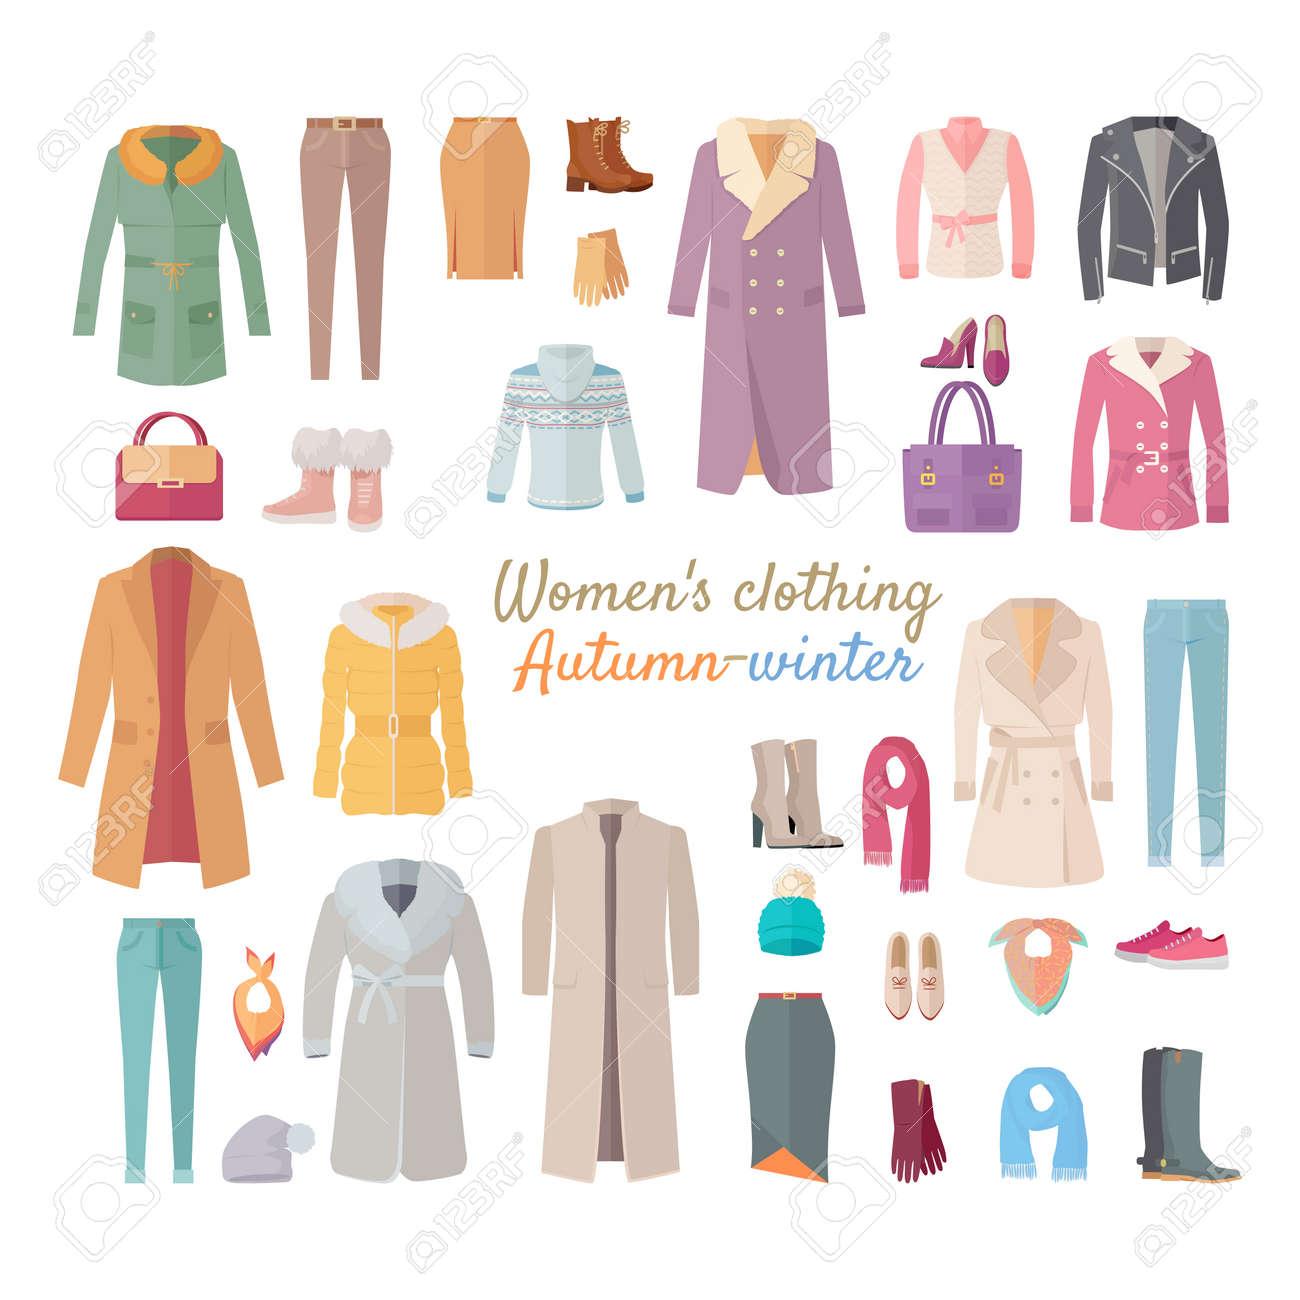 5a9ba5ade Vêtements pour femmes. collection d'hiver d'automne. vêtements à la mode  élégant de designers populaires. Meilleures marques mondiales tendances. ...